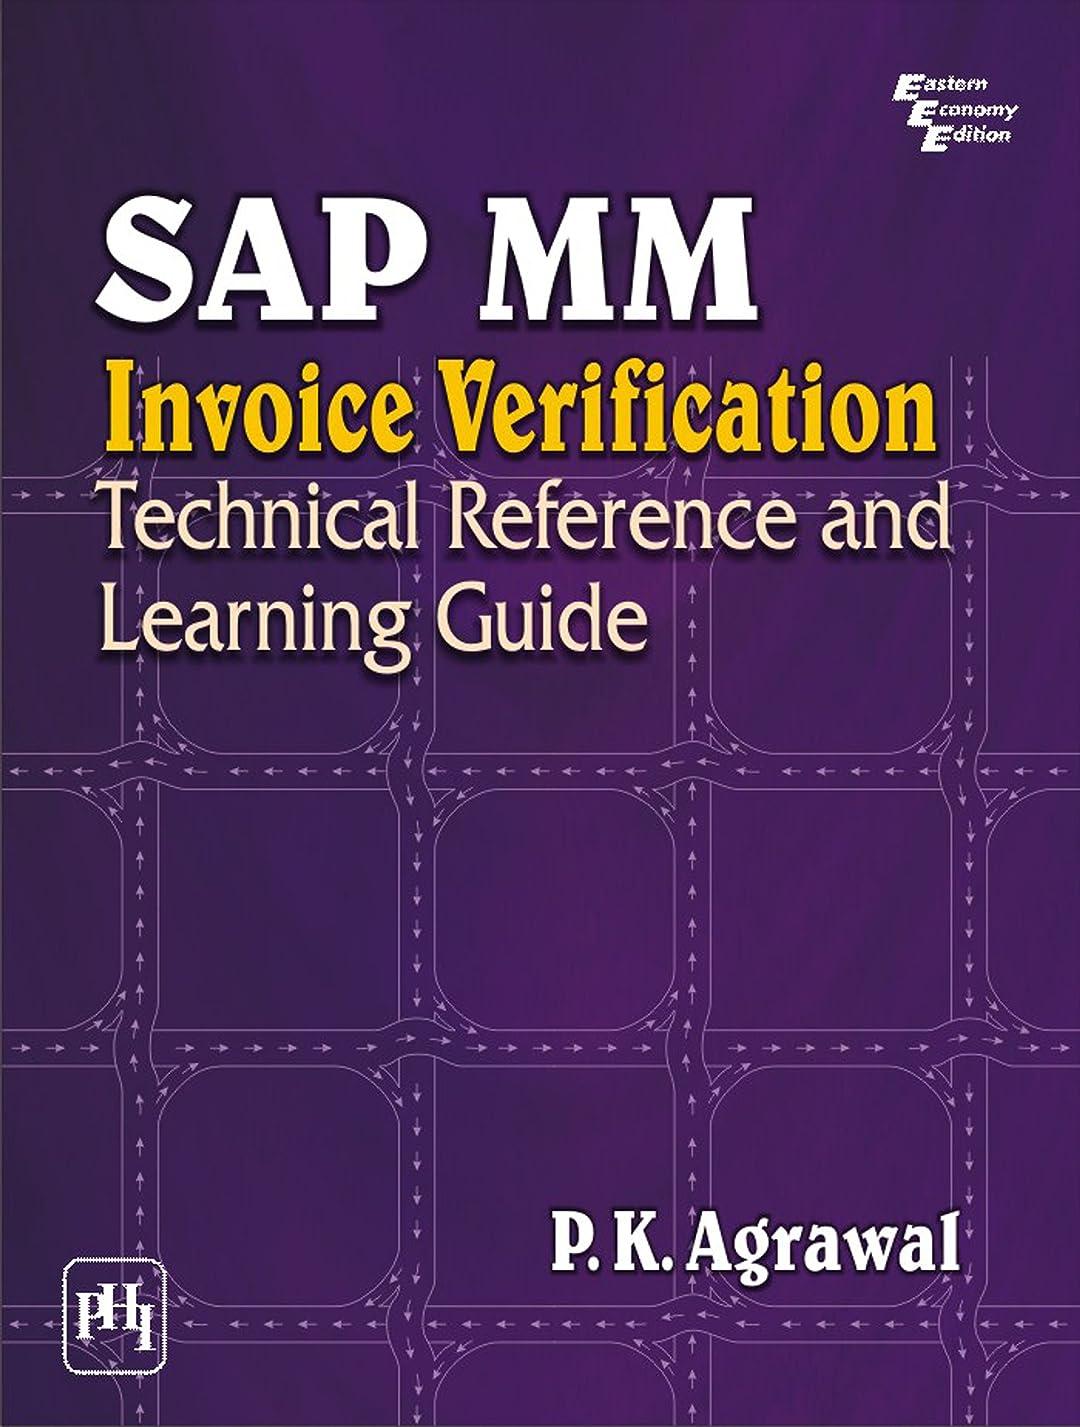 拡散するスクラッチカロリーSAP MM INVOICE VERIFICATION: TECHNICAL REFERENCE AND LEARNING GUIDE (English Edition)